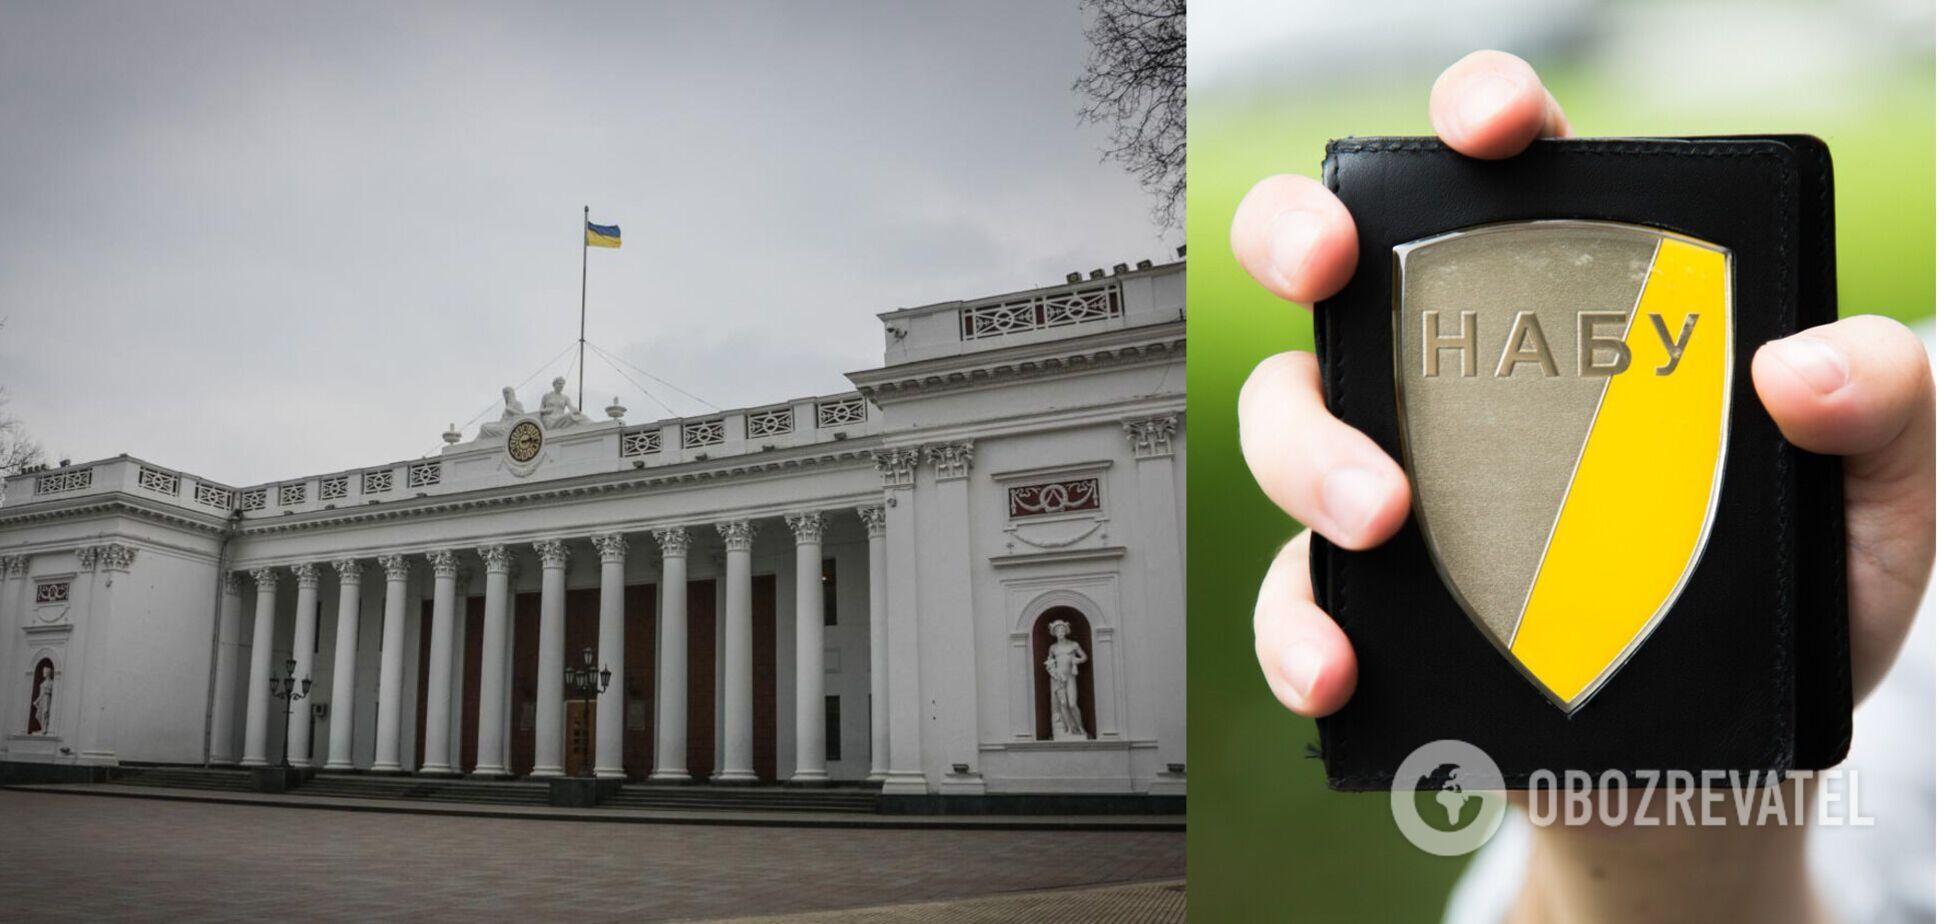 НАБУ проводит обыски в здании Одесского горсовета – СМИ